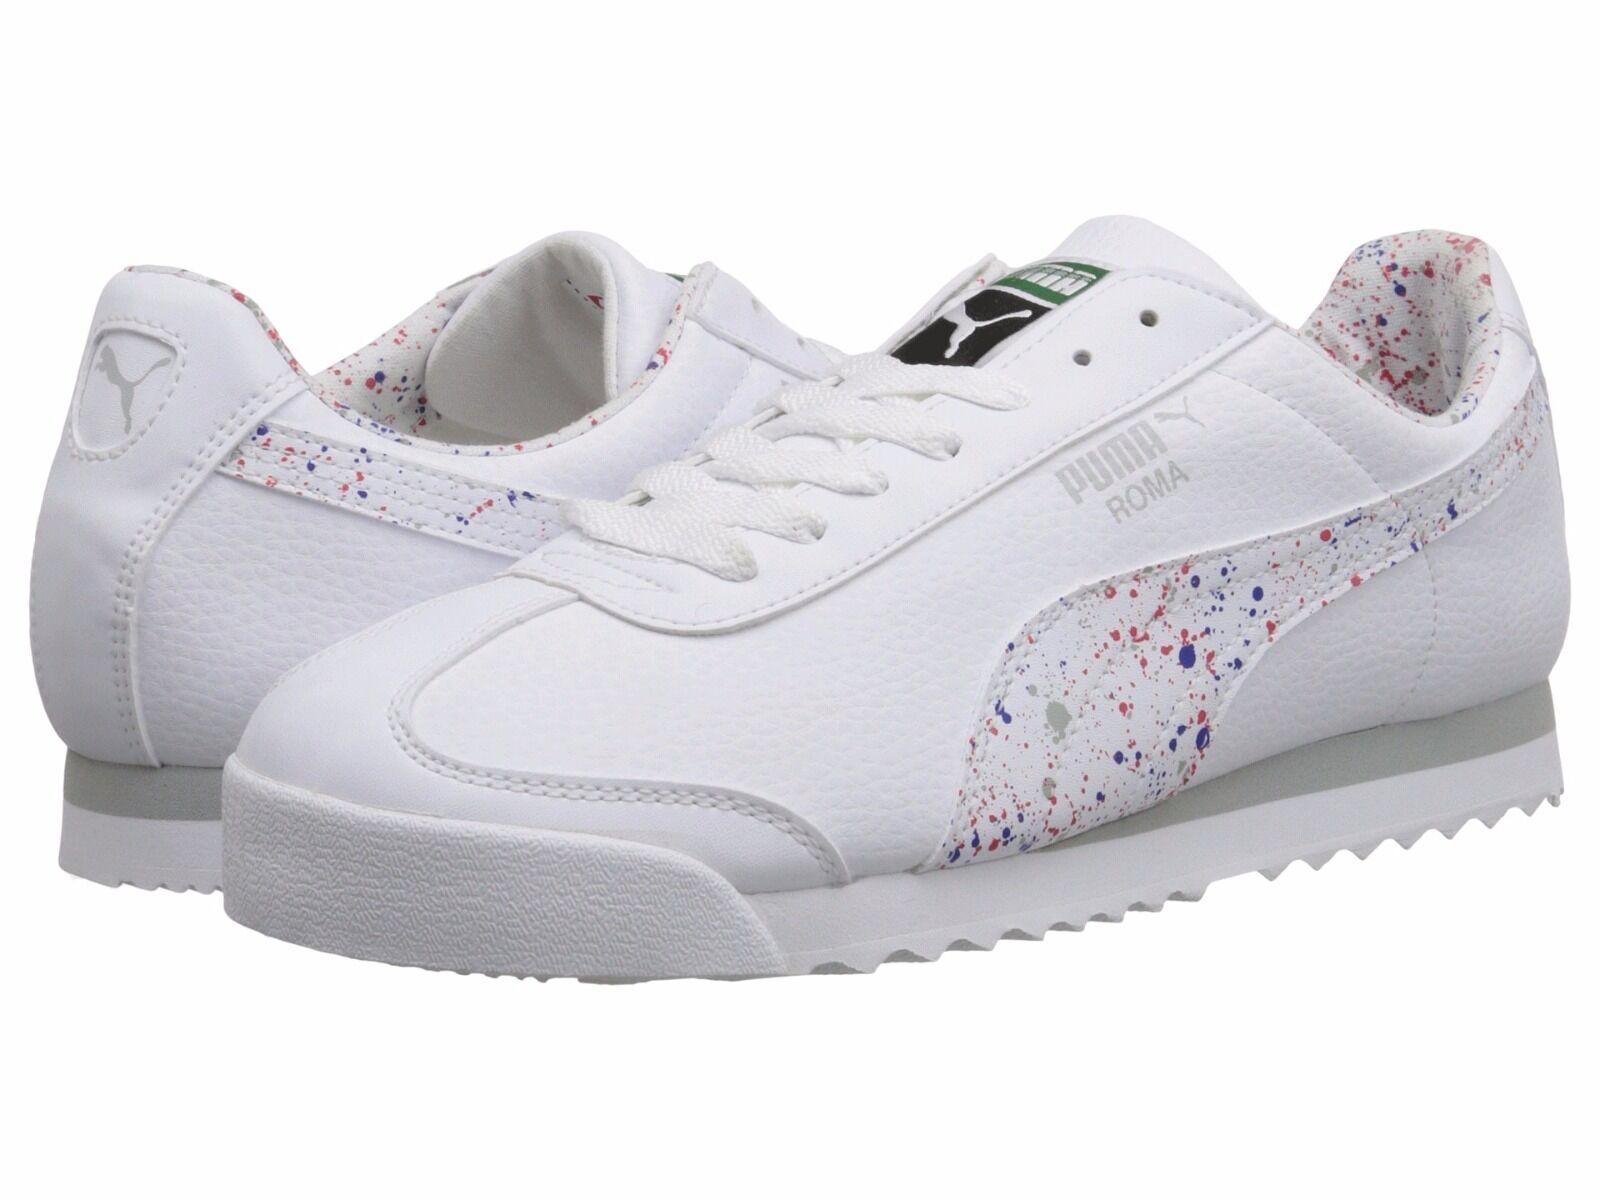 322c17441938 Man Woman  roma roma roma splatter puma 10.5  Repair 6ad6e6. Nike Air  Jordan 3 III Black ...